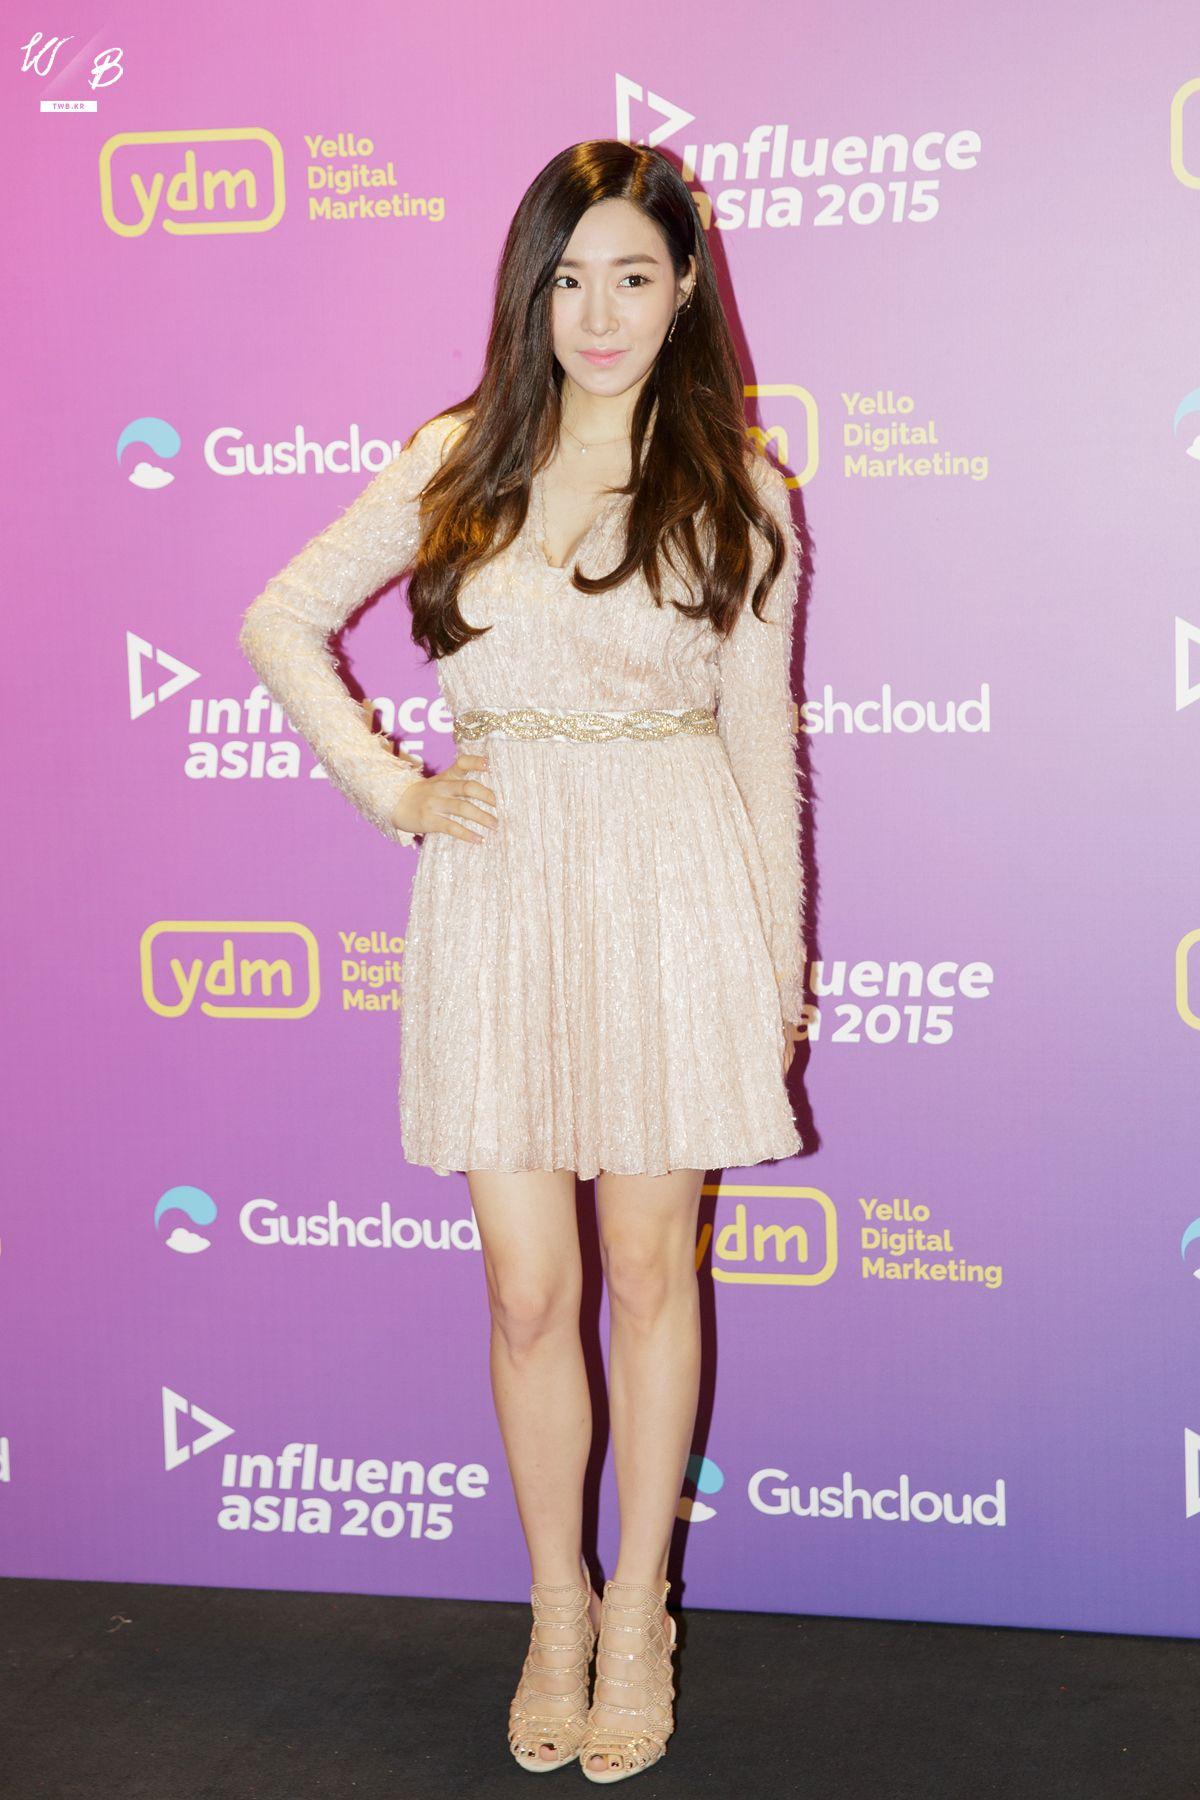 Fyeah Tiffany Girls Generation Tiffany Girls Generation Kpop Fashion